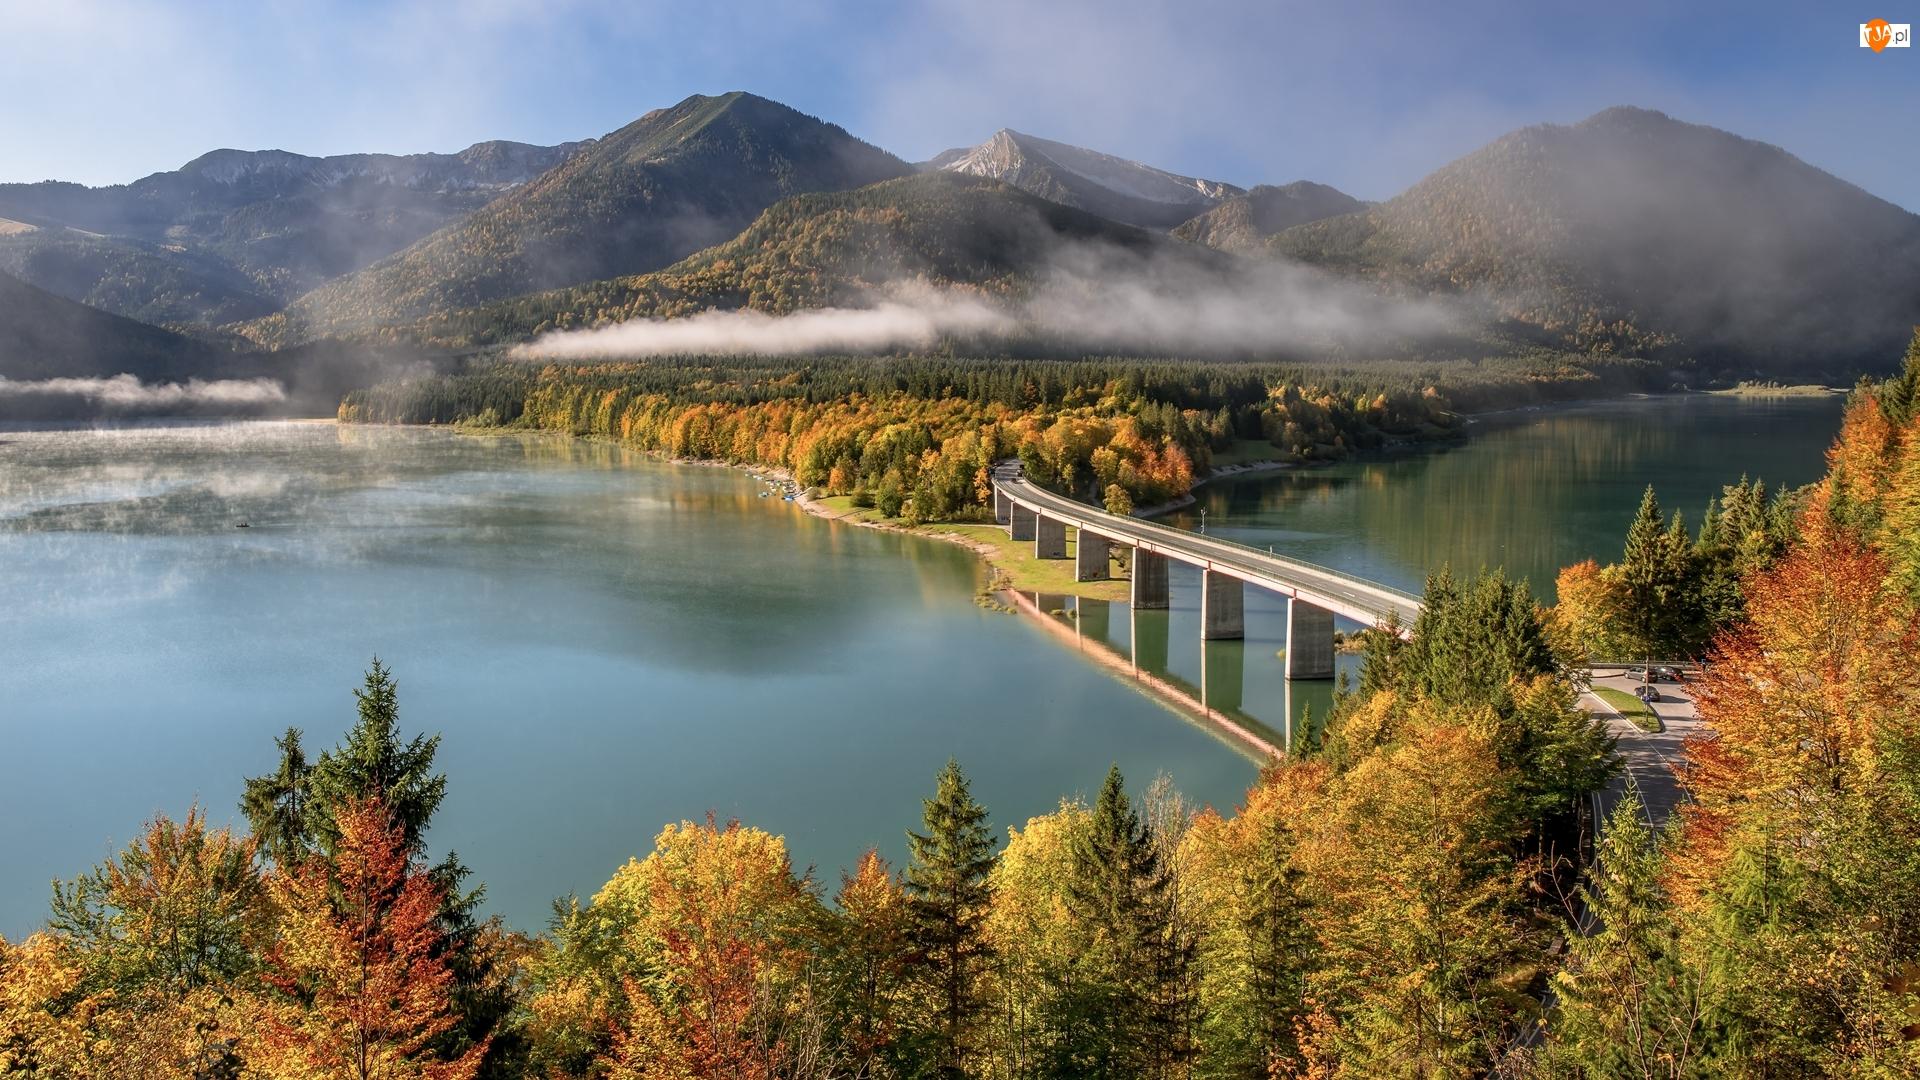 Mgła, Góry, Drzewa, Bawaria, Jezioro Sylvensteinsee, Jesień, Niemcy, Most